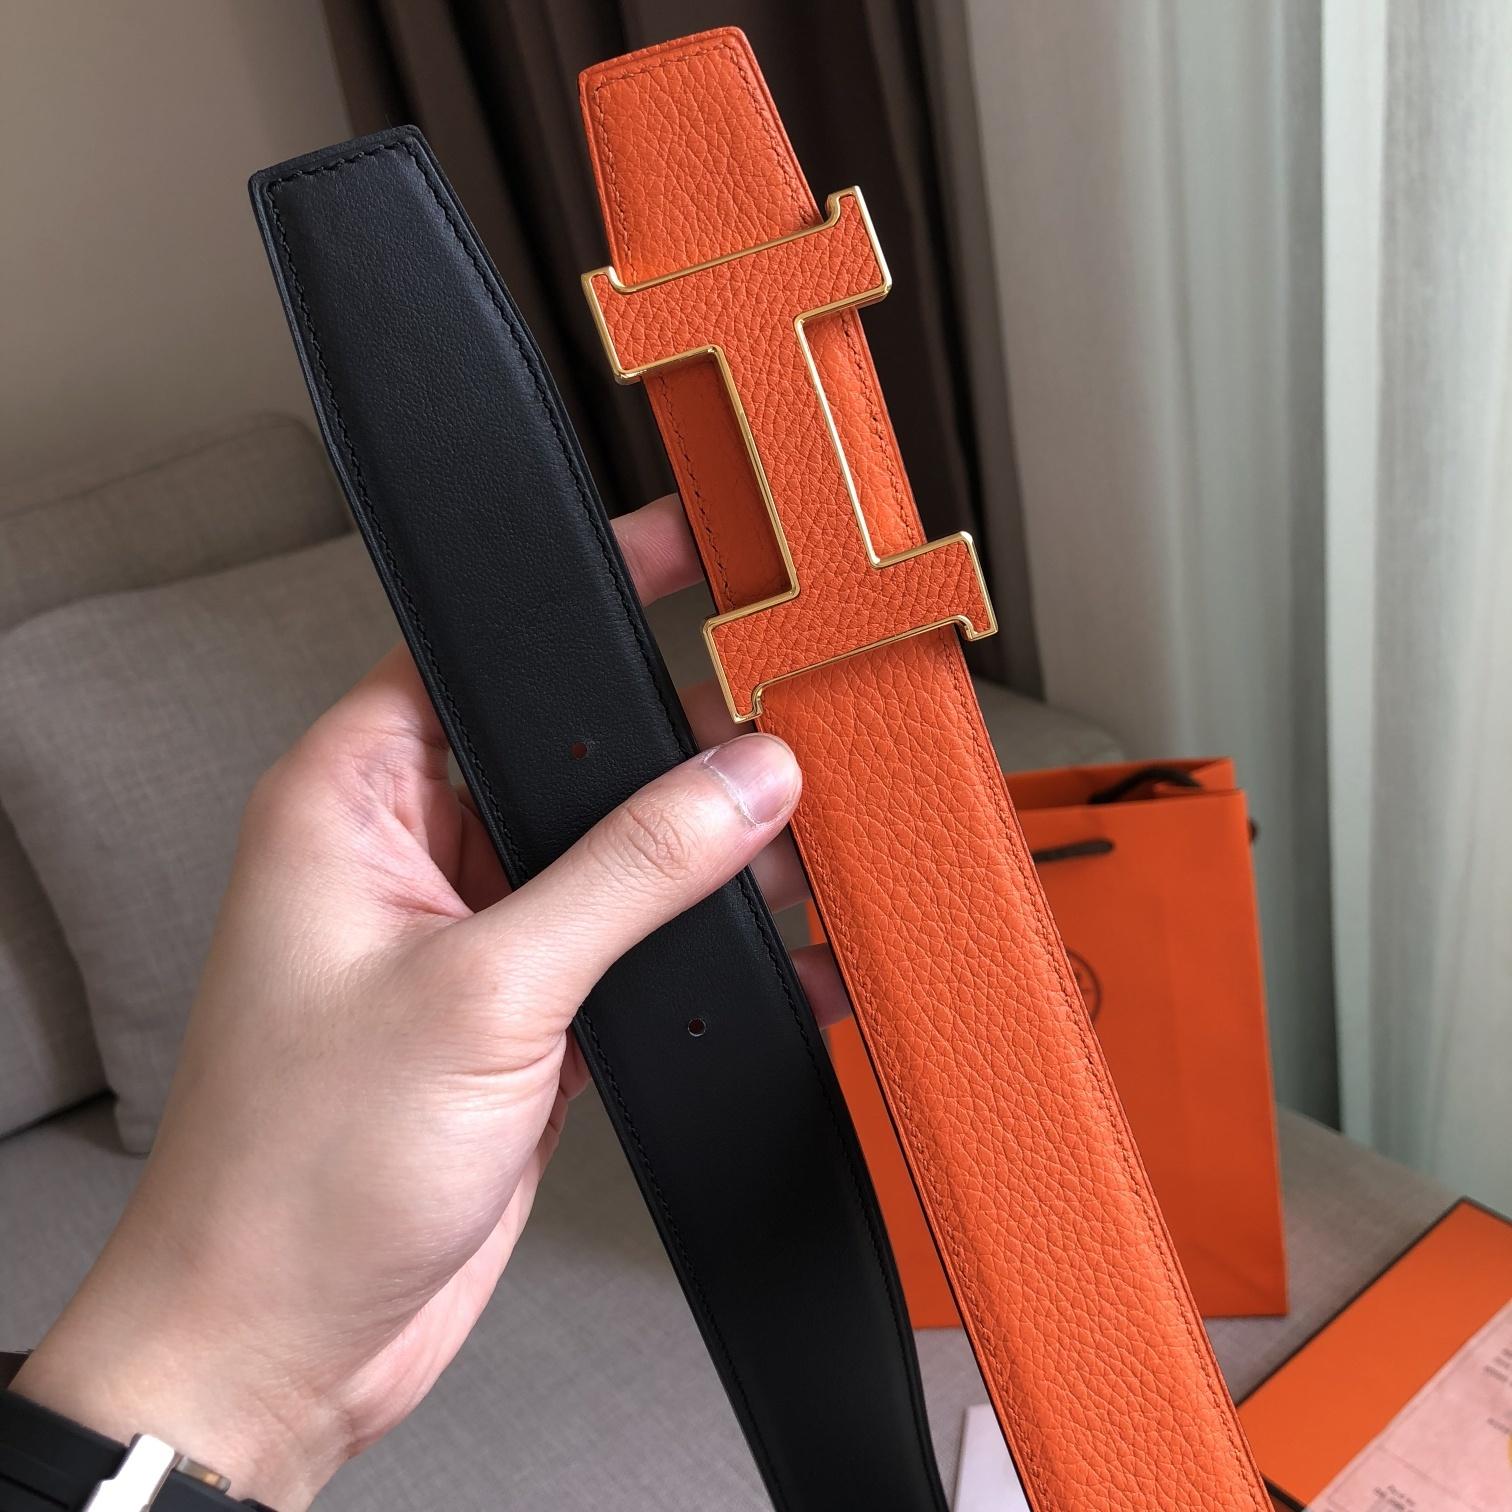 爱马仕Hermes官网同步38MM腰带(图1)